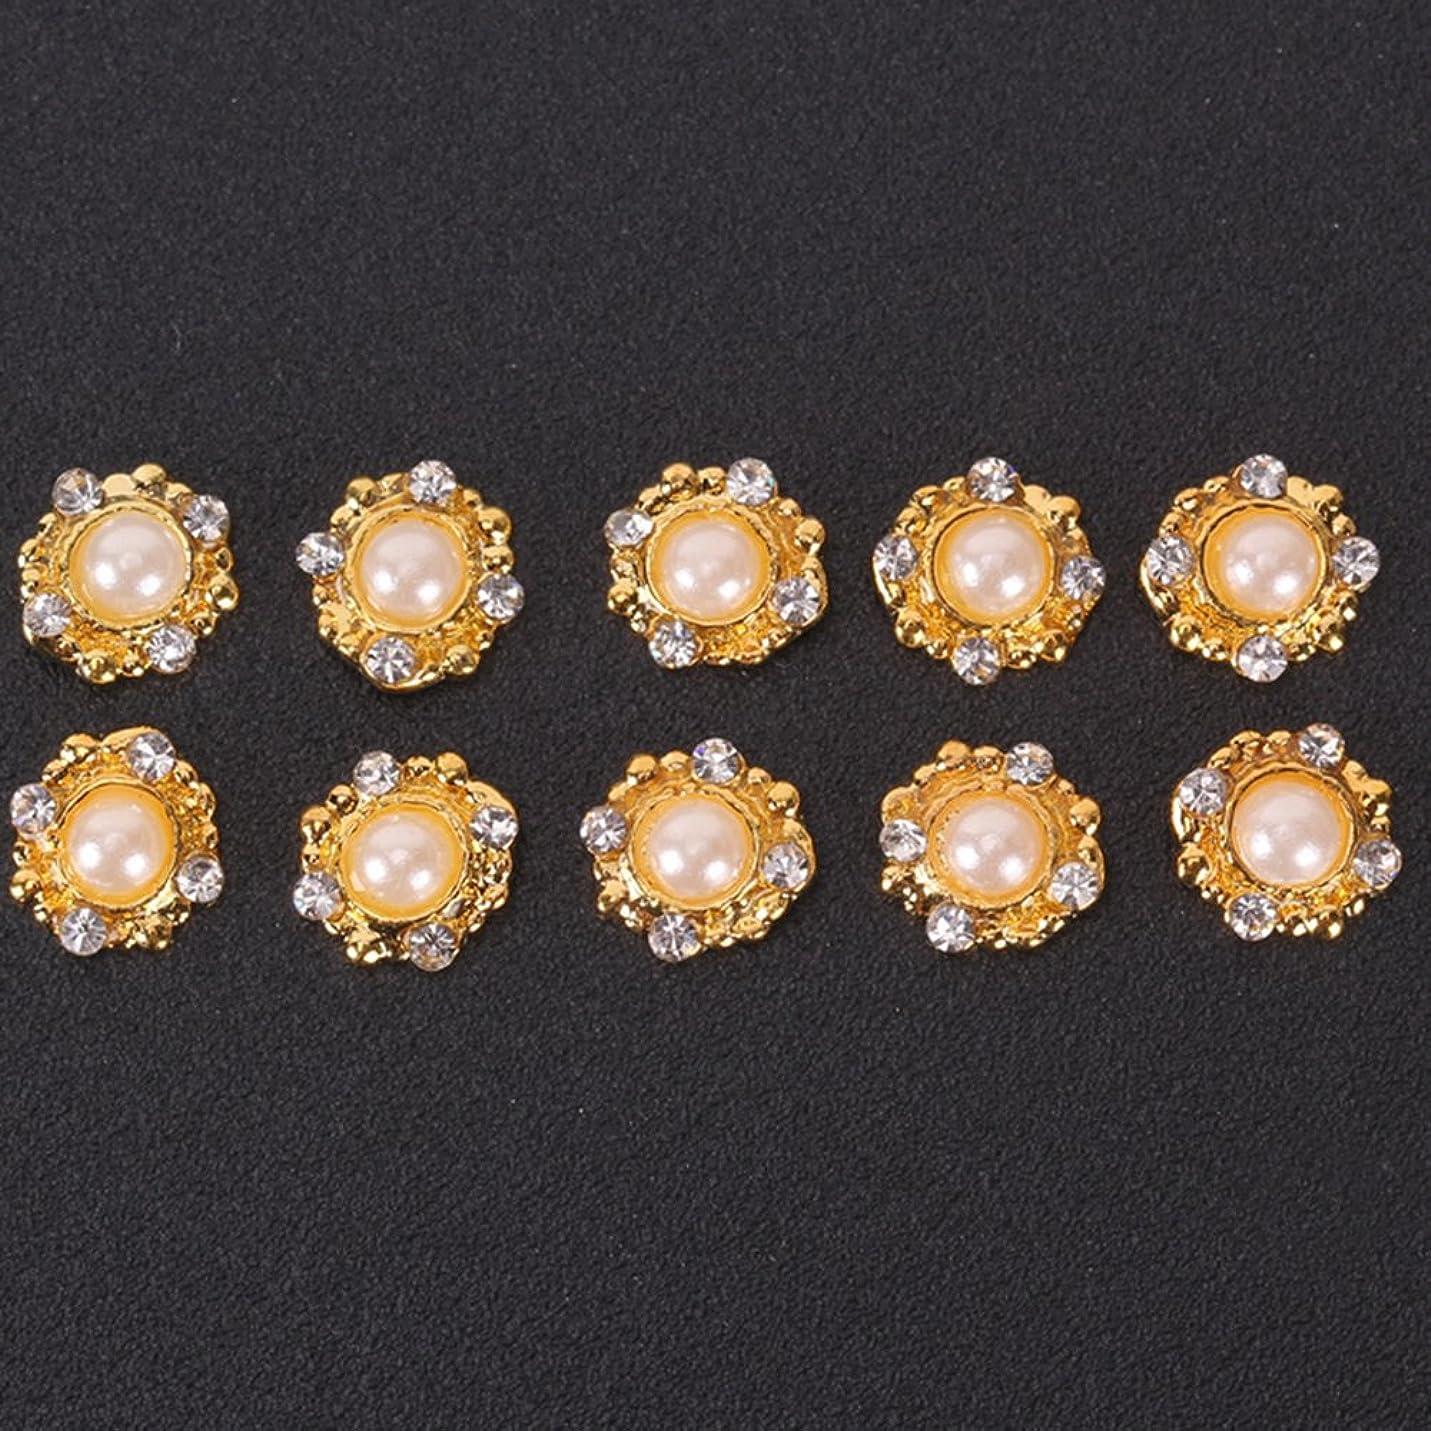 ドアミラーハグ禁止するネイルパーツ コットンパール ジェルネイルに パールストーン 大人の女性らしいネイル用品10個入